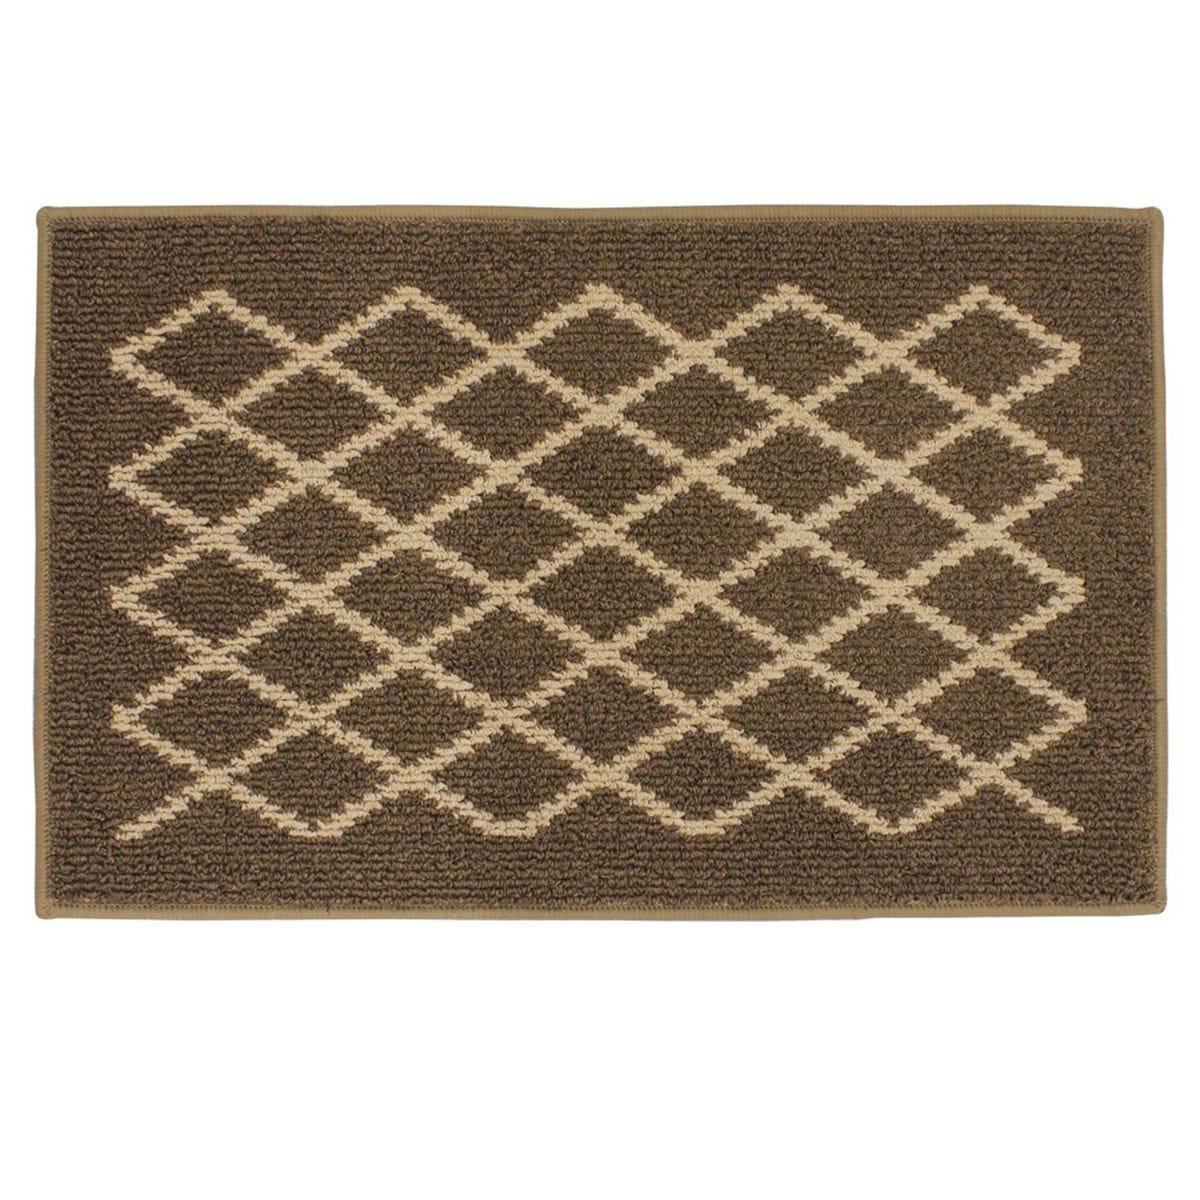 JVL 50x80cm Bergamo Doormat - Brown/Beige